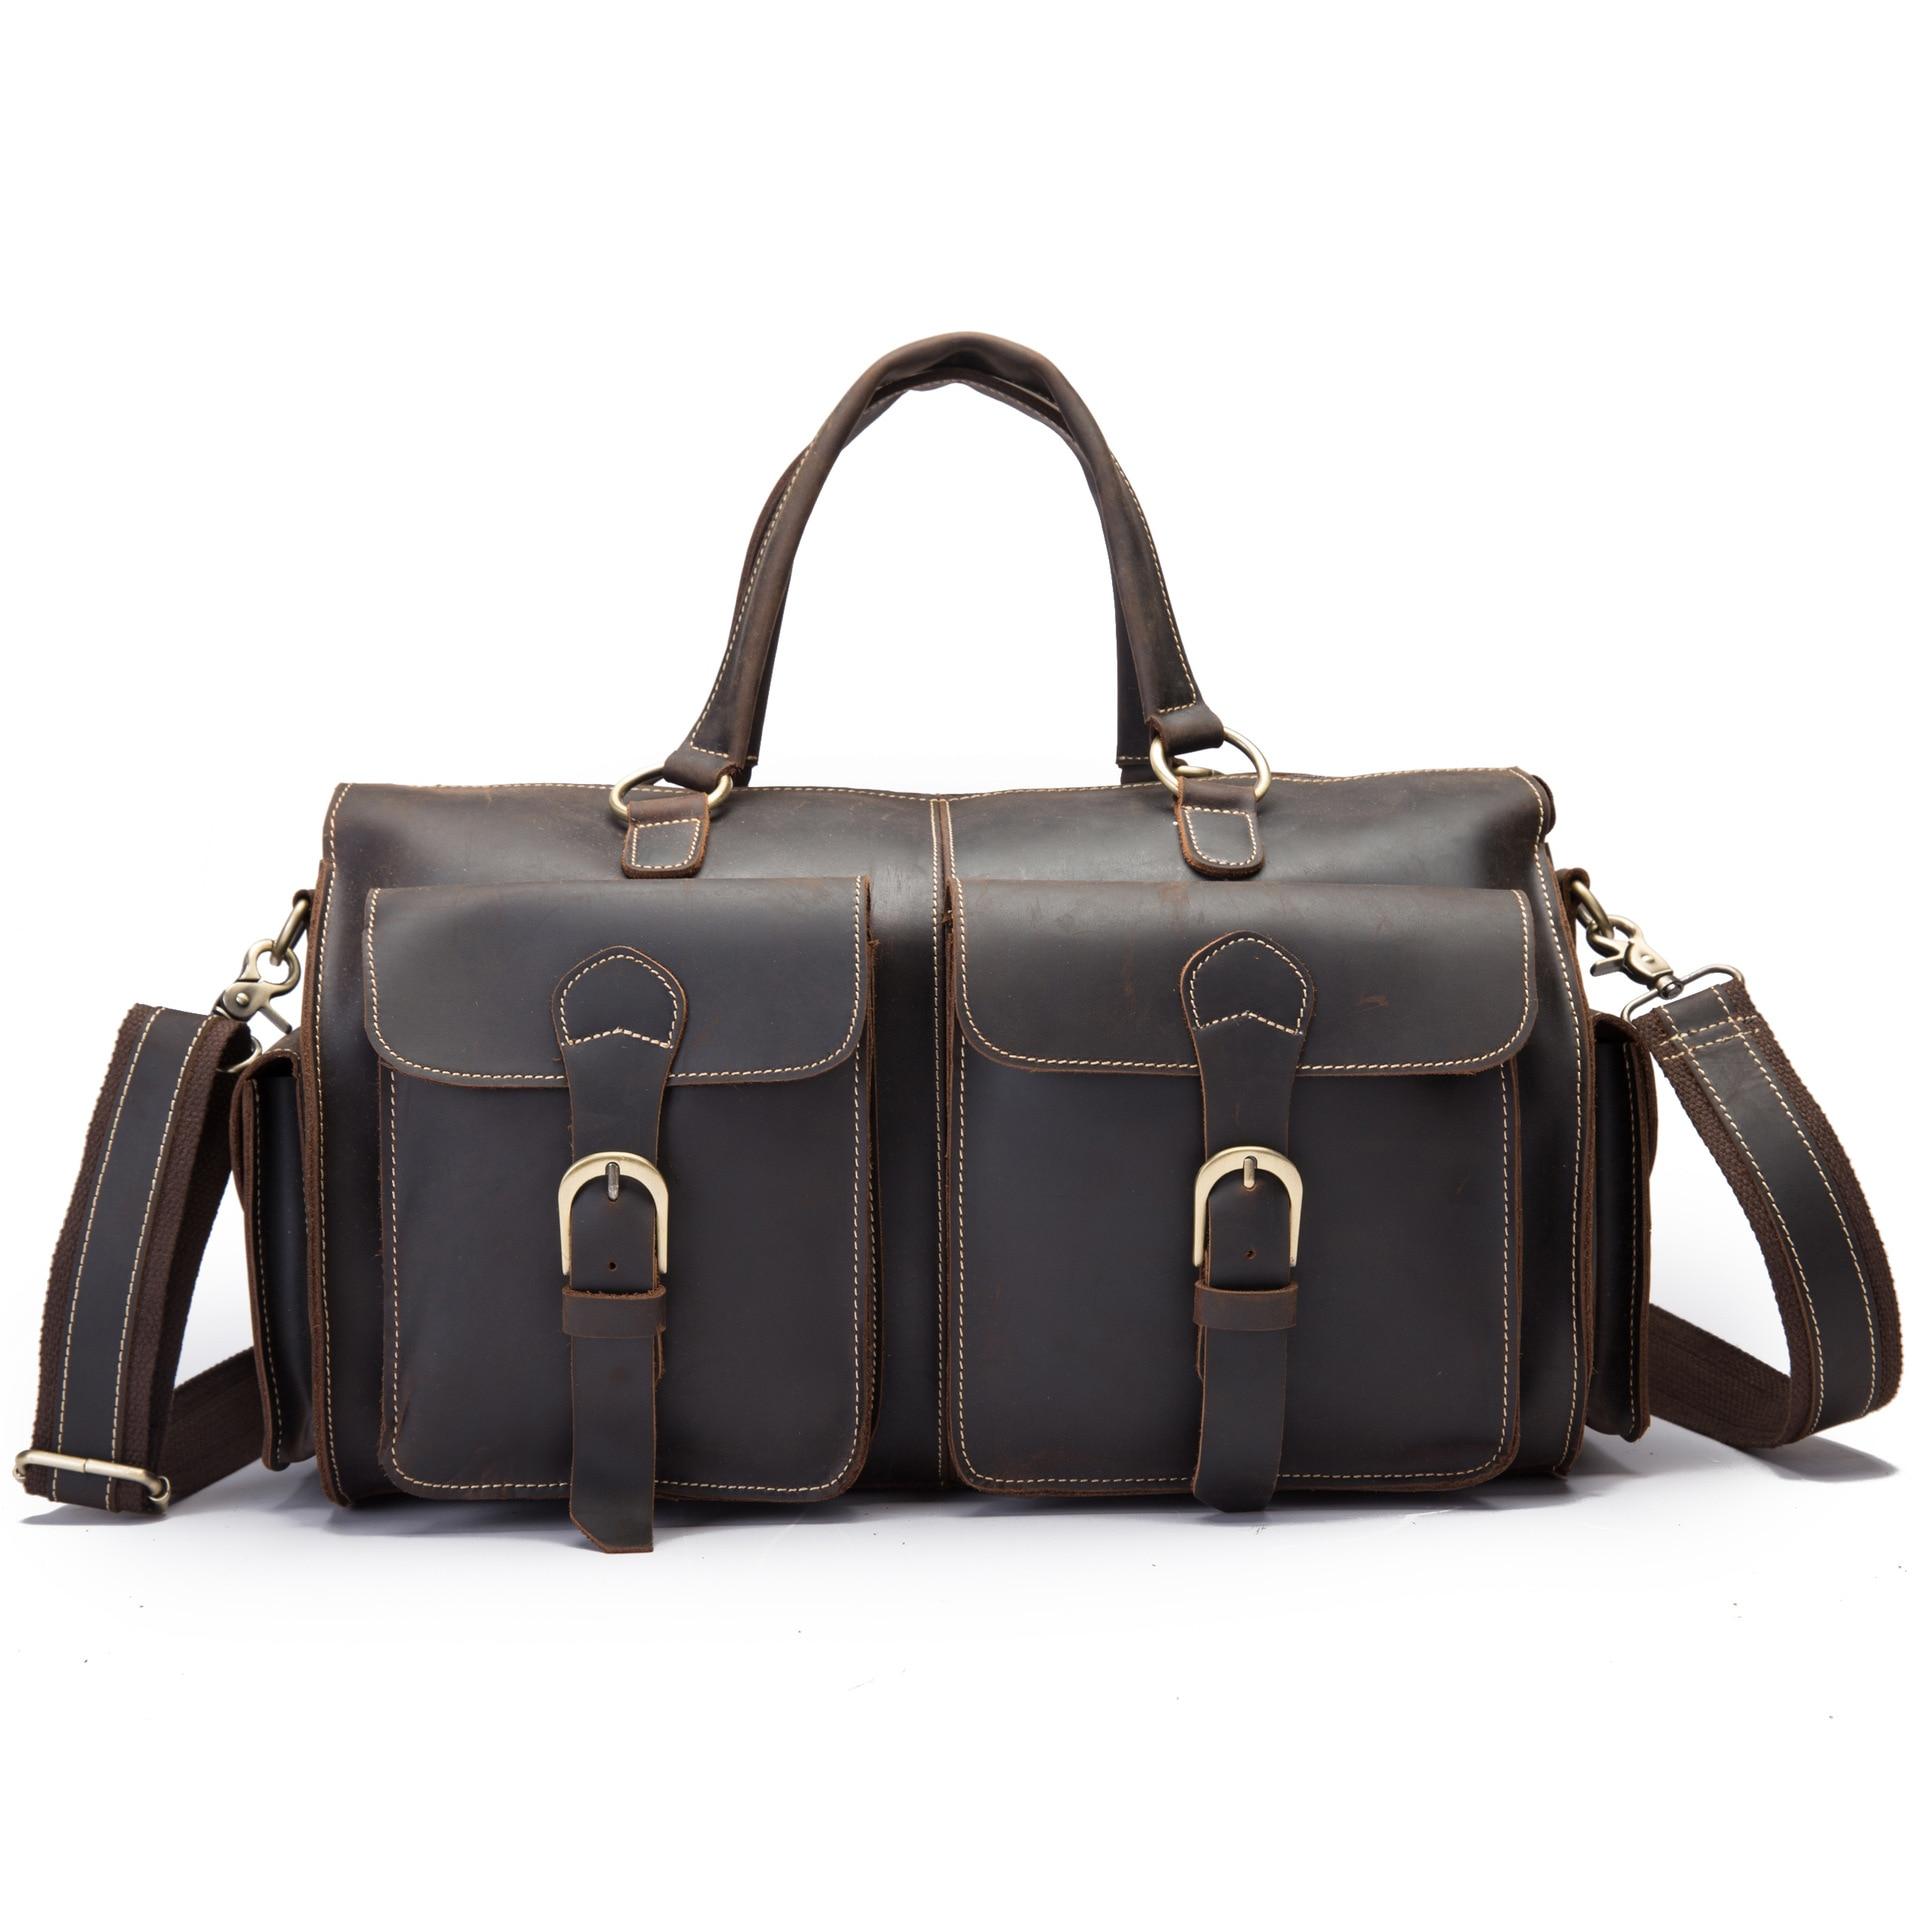 Neweekend дорожная большая сумка для мужчин, повседневный чемодан, ручная сумка из натуральной кожи для бизнеса, качественная сумка через плечо - 2